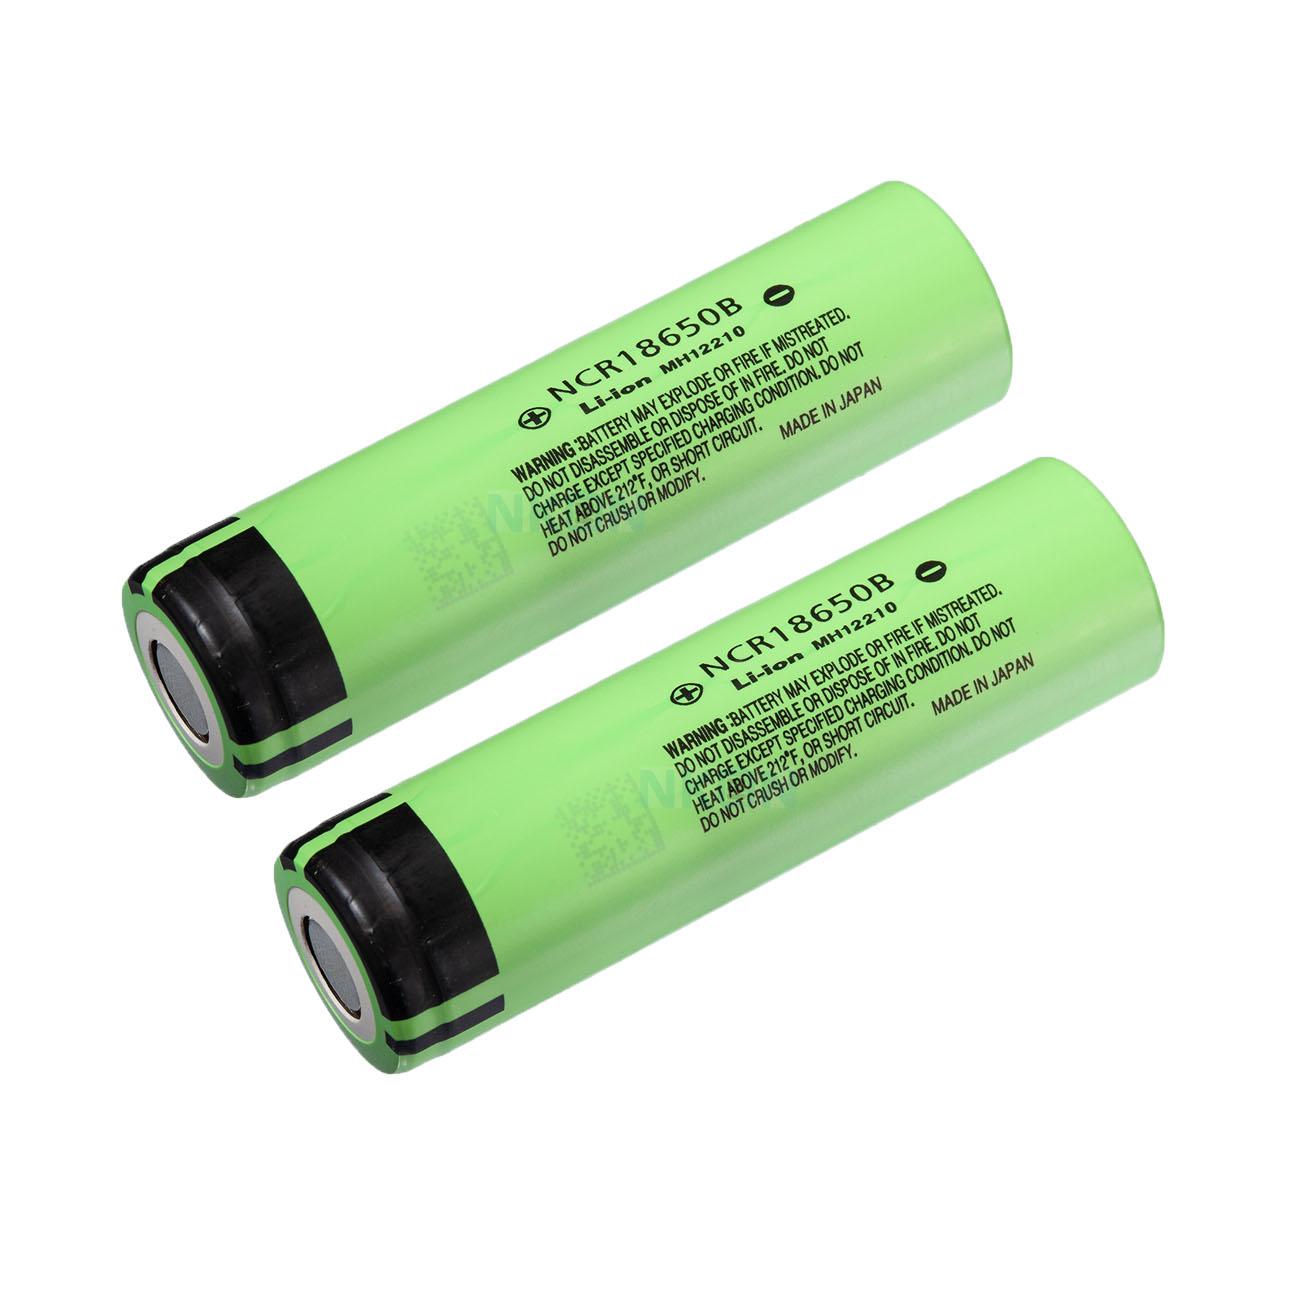 باتری لیتیوم یون پاناسونیک مدل NCR18650B ظرفیت 3400 میلی آمپر ساعت بسته 2 عددی